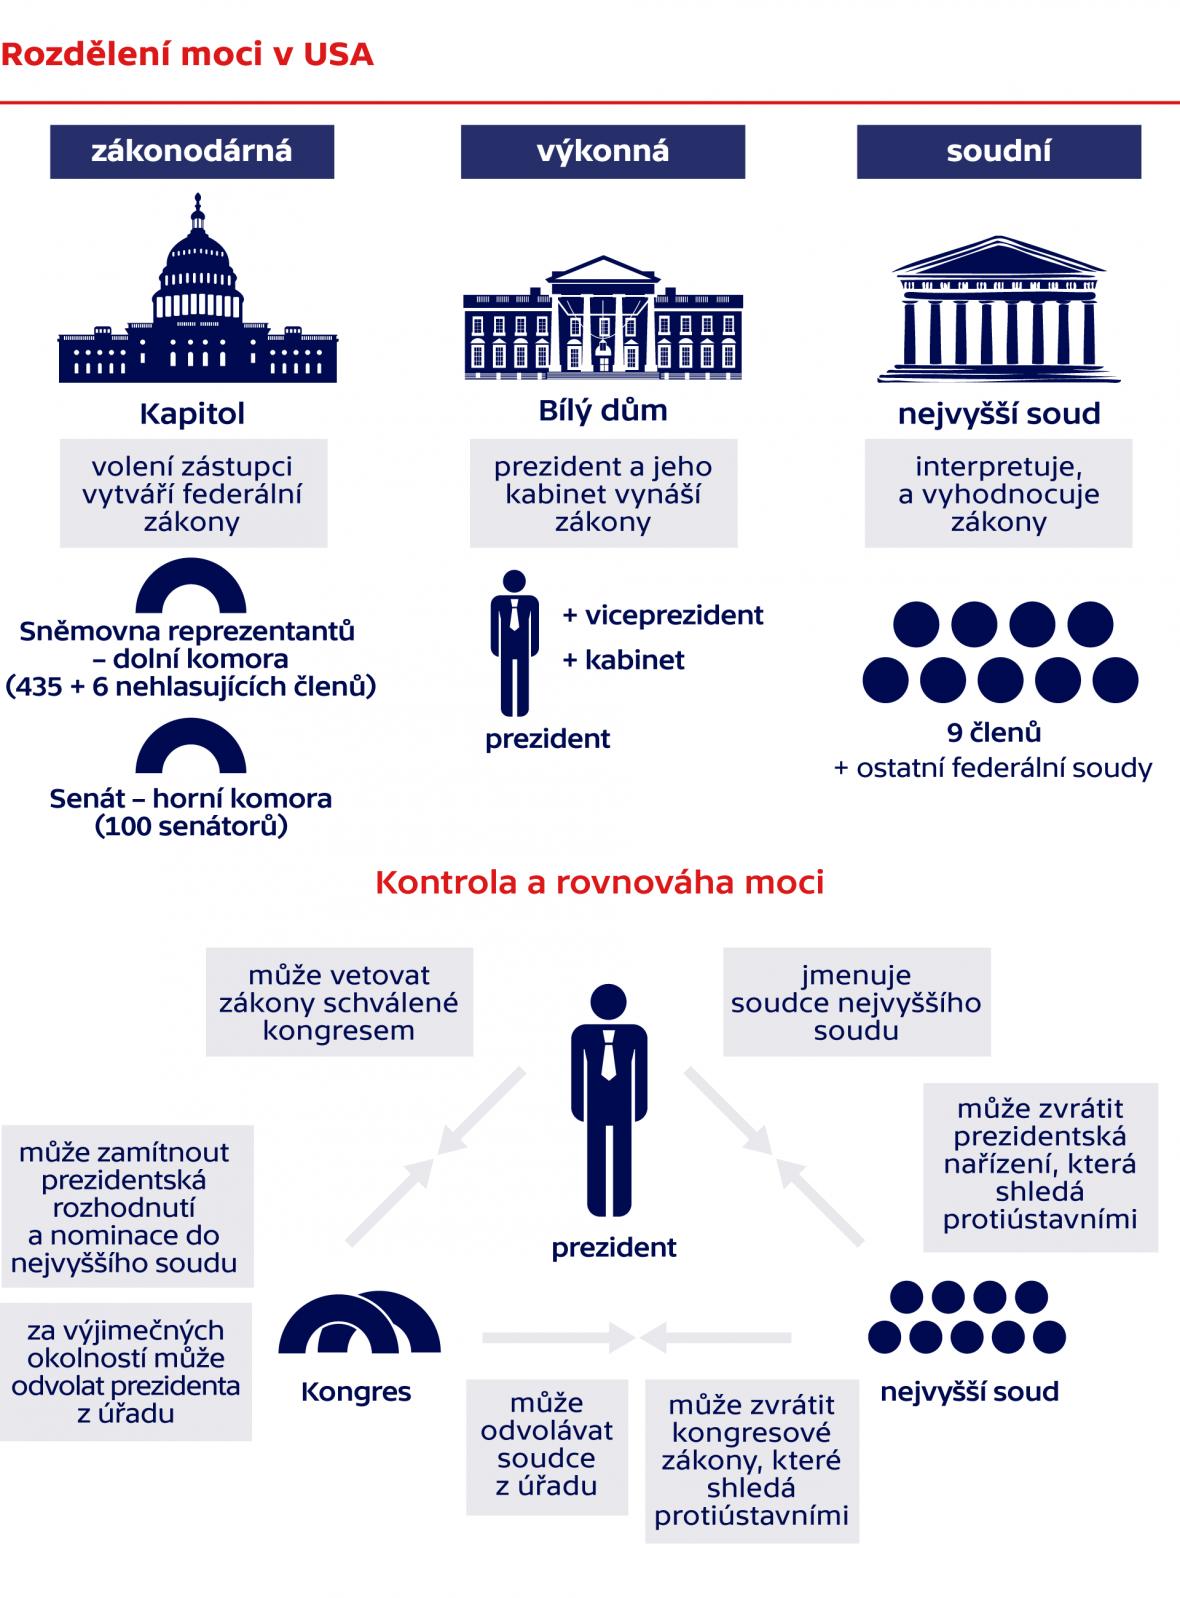 Rozdělení moci v USA